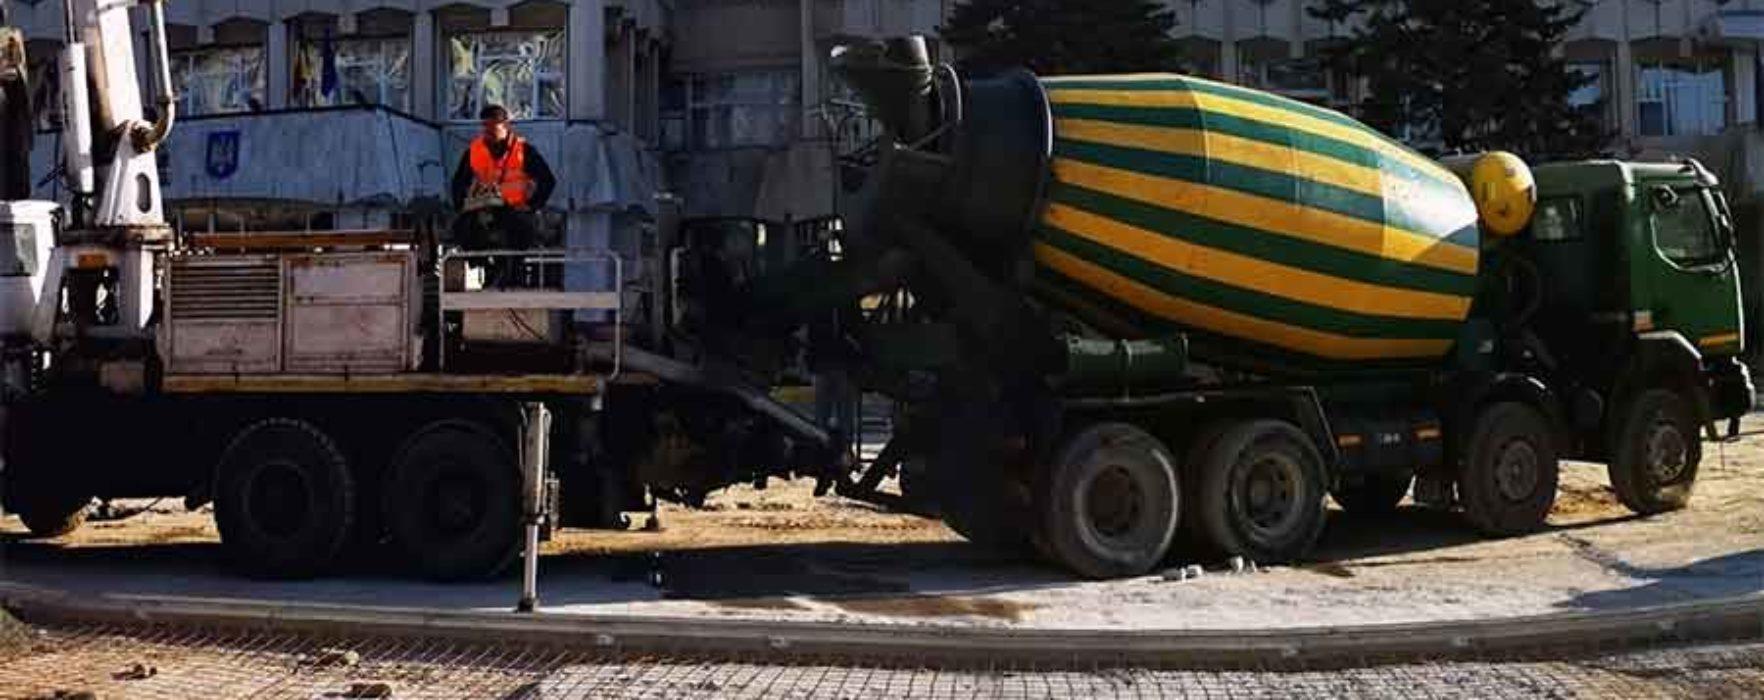 Târgovişte: Platoul Prefecturii va fi reabilitat, se va pune granit şi va fi amplasat mobilier urban